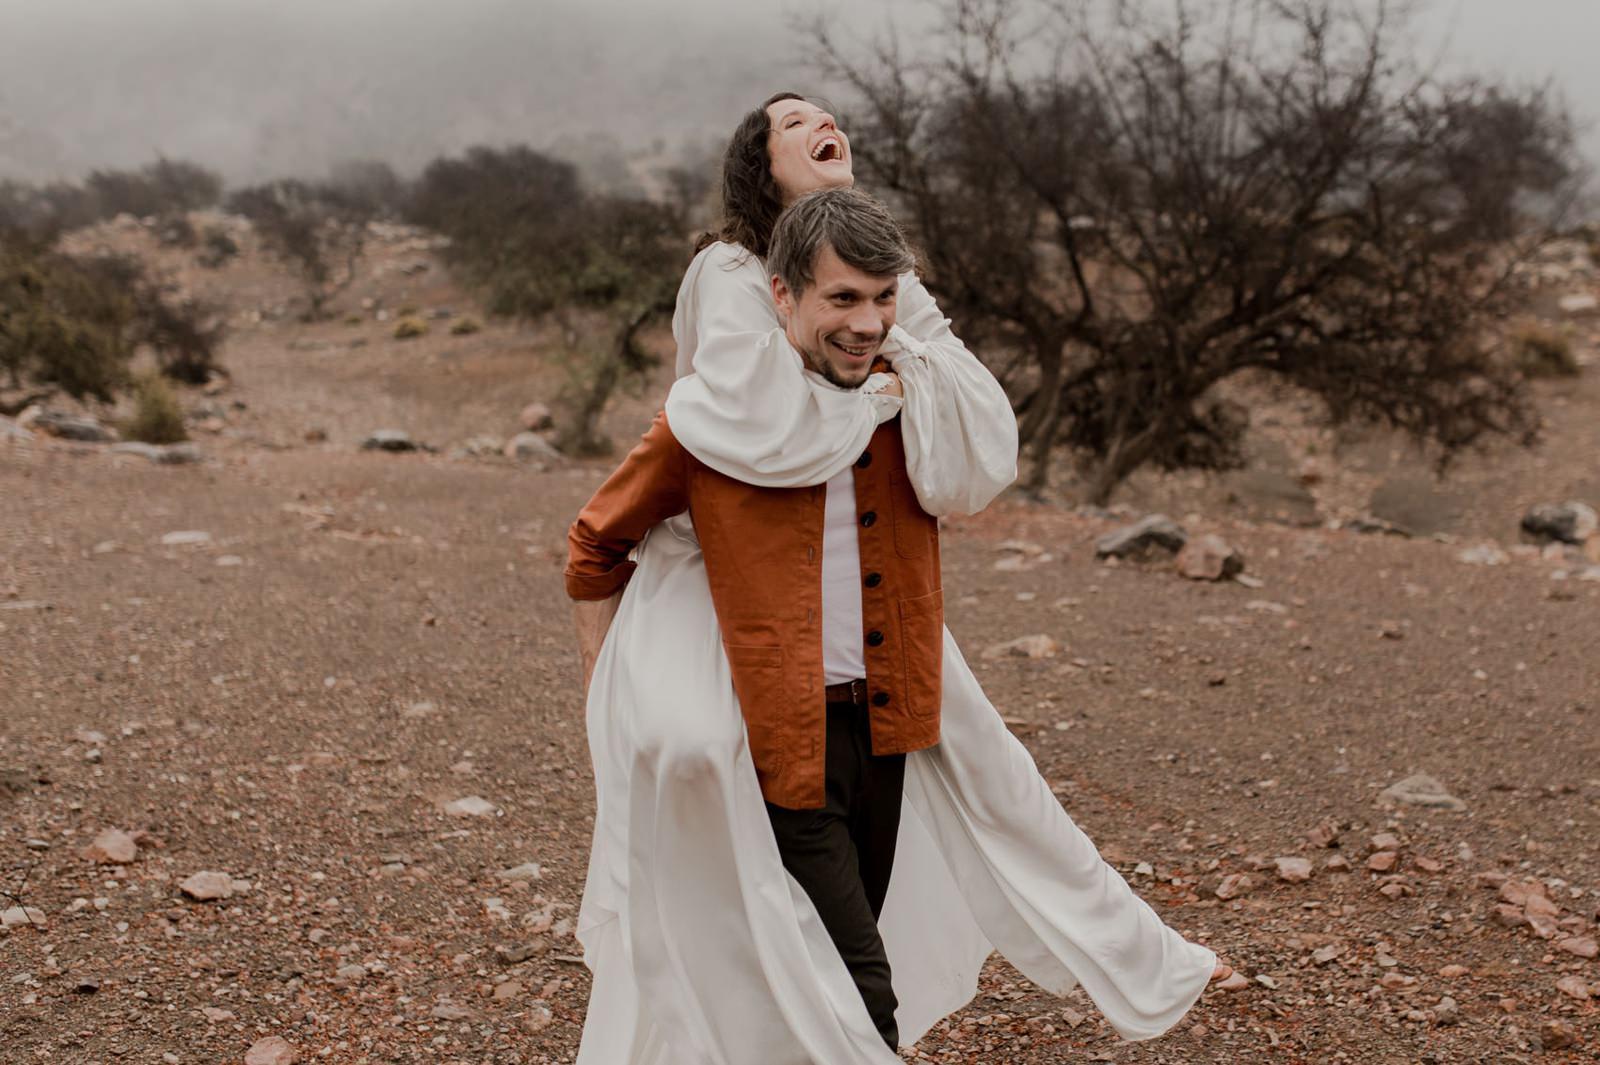 Photographe Elopement Solveig & Ronan